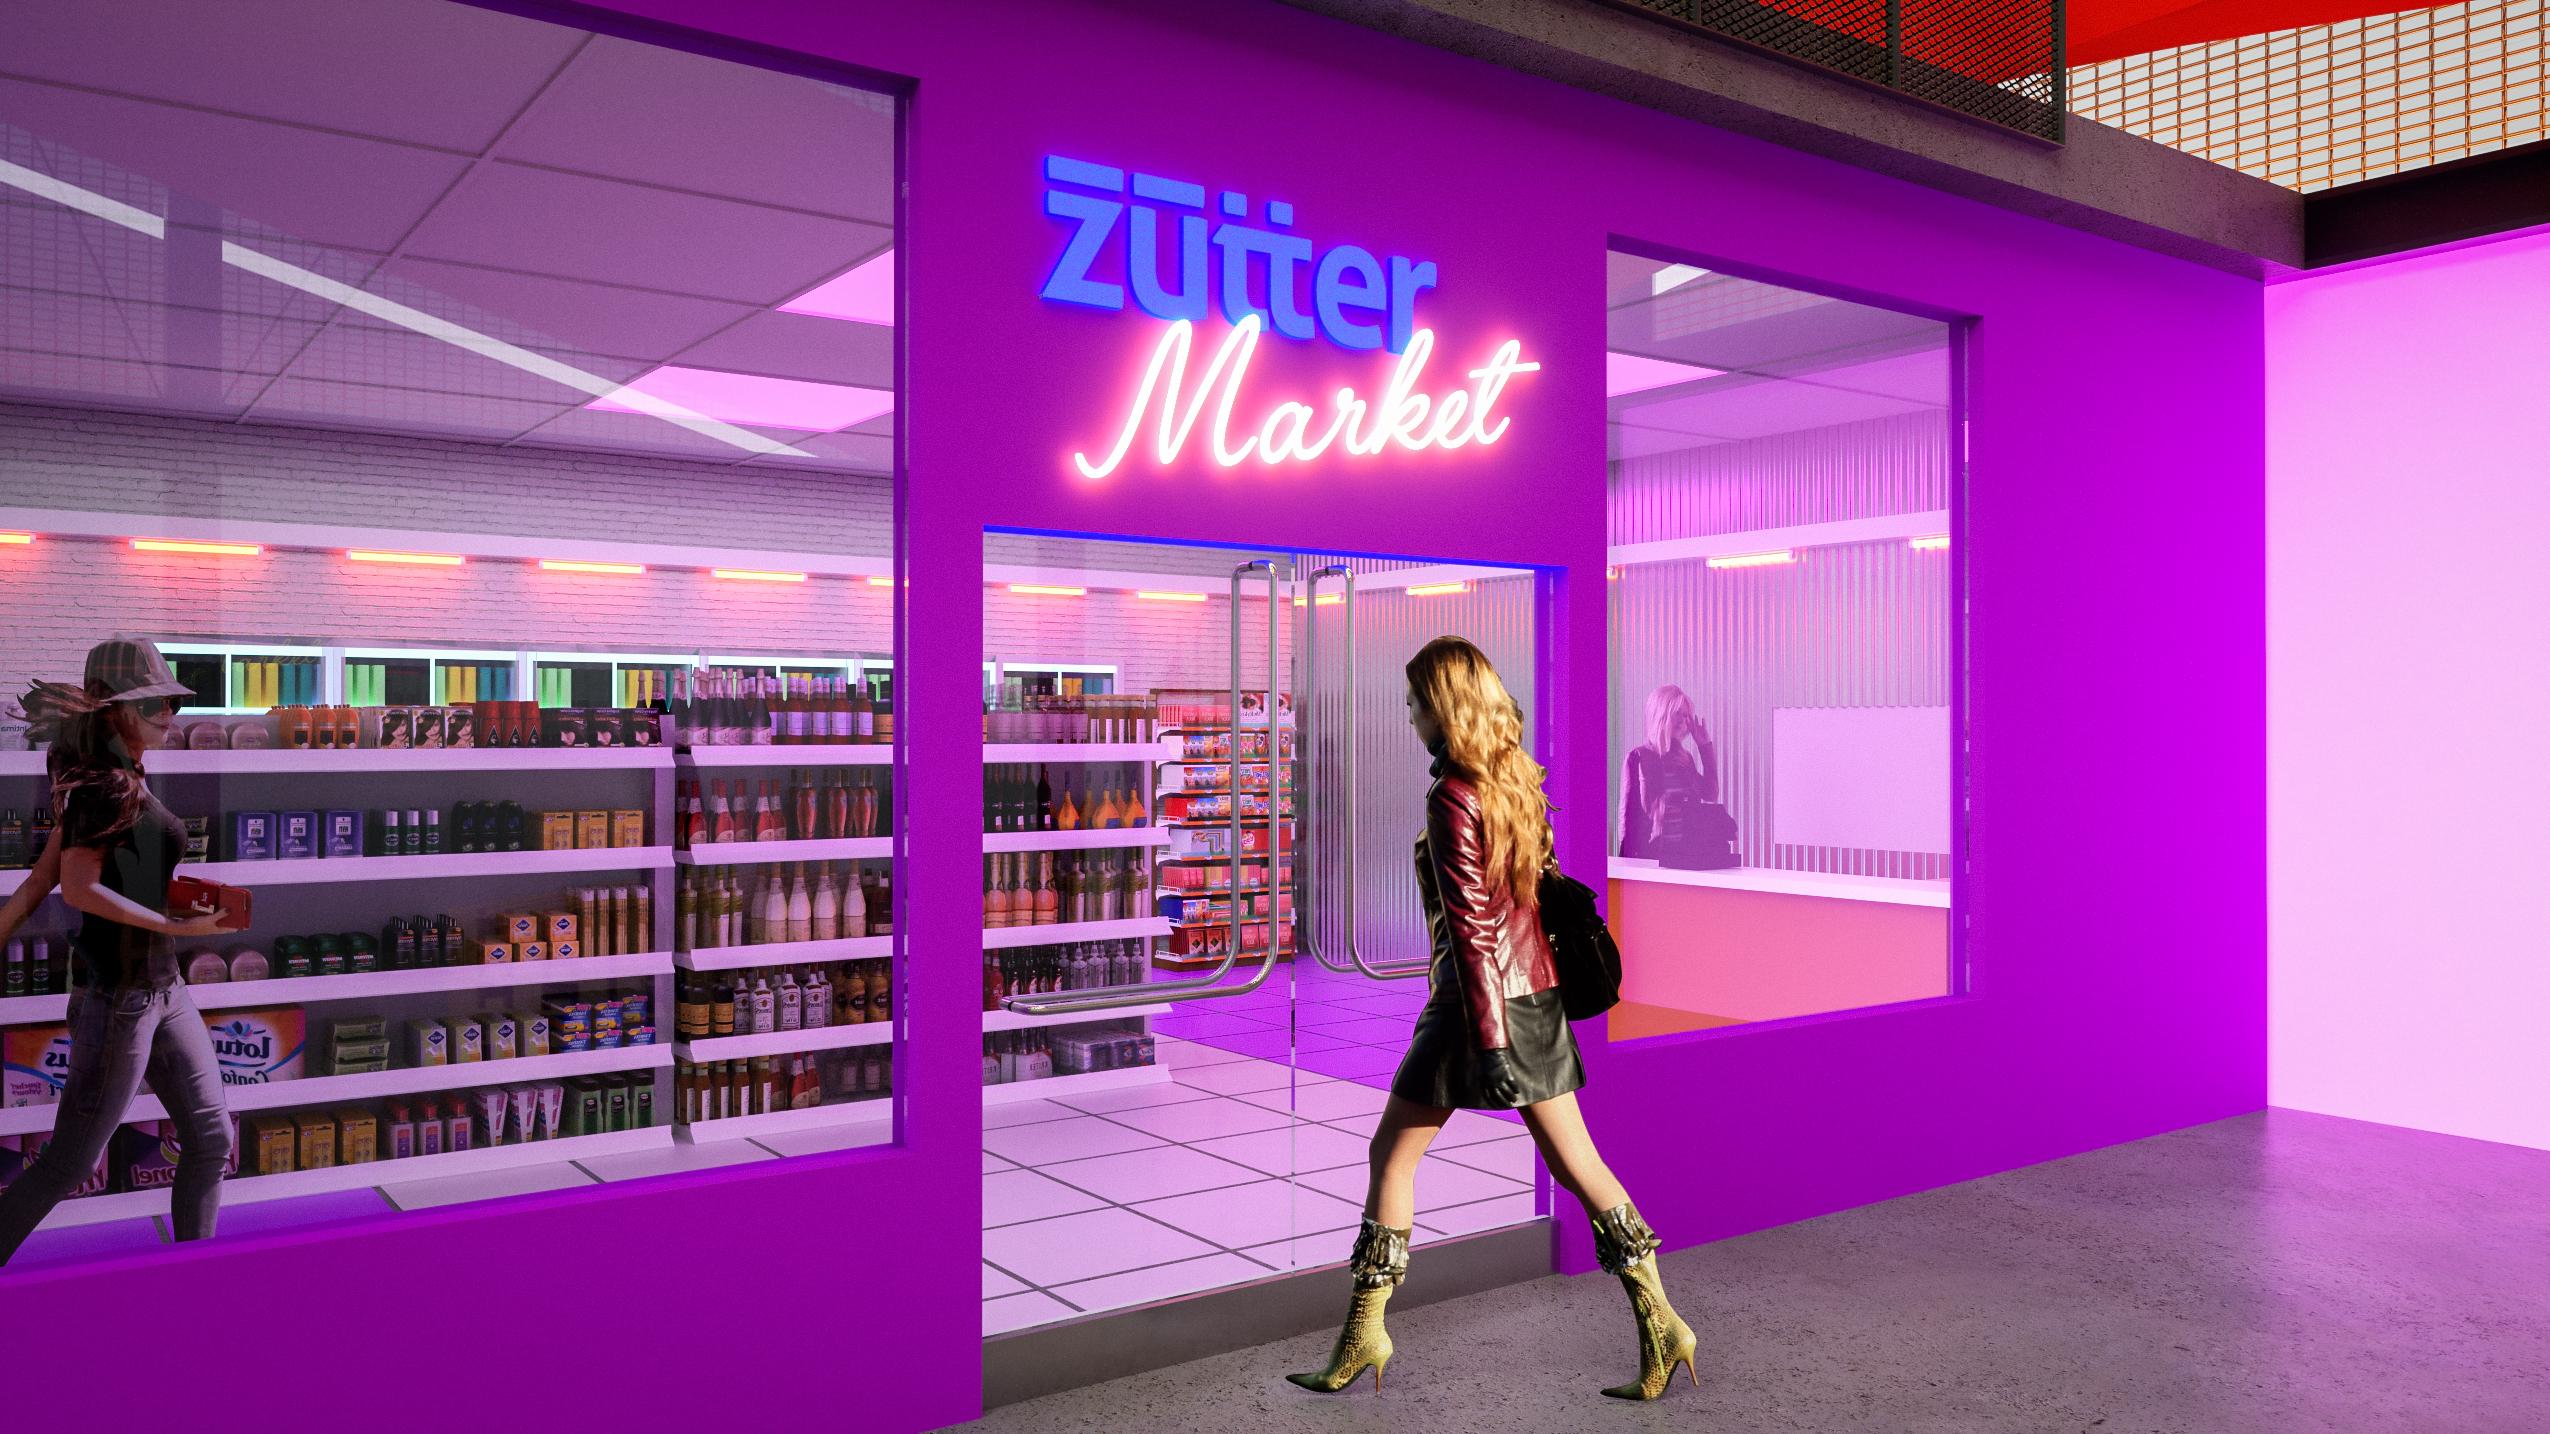 Market - Zutter Concert Hall Complex